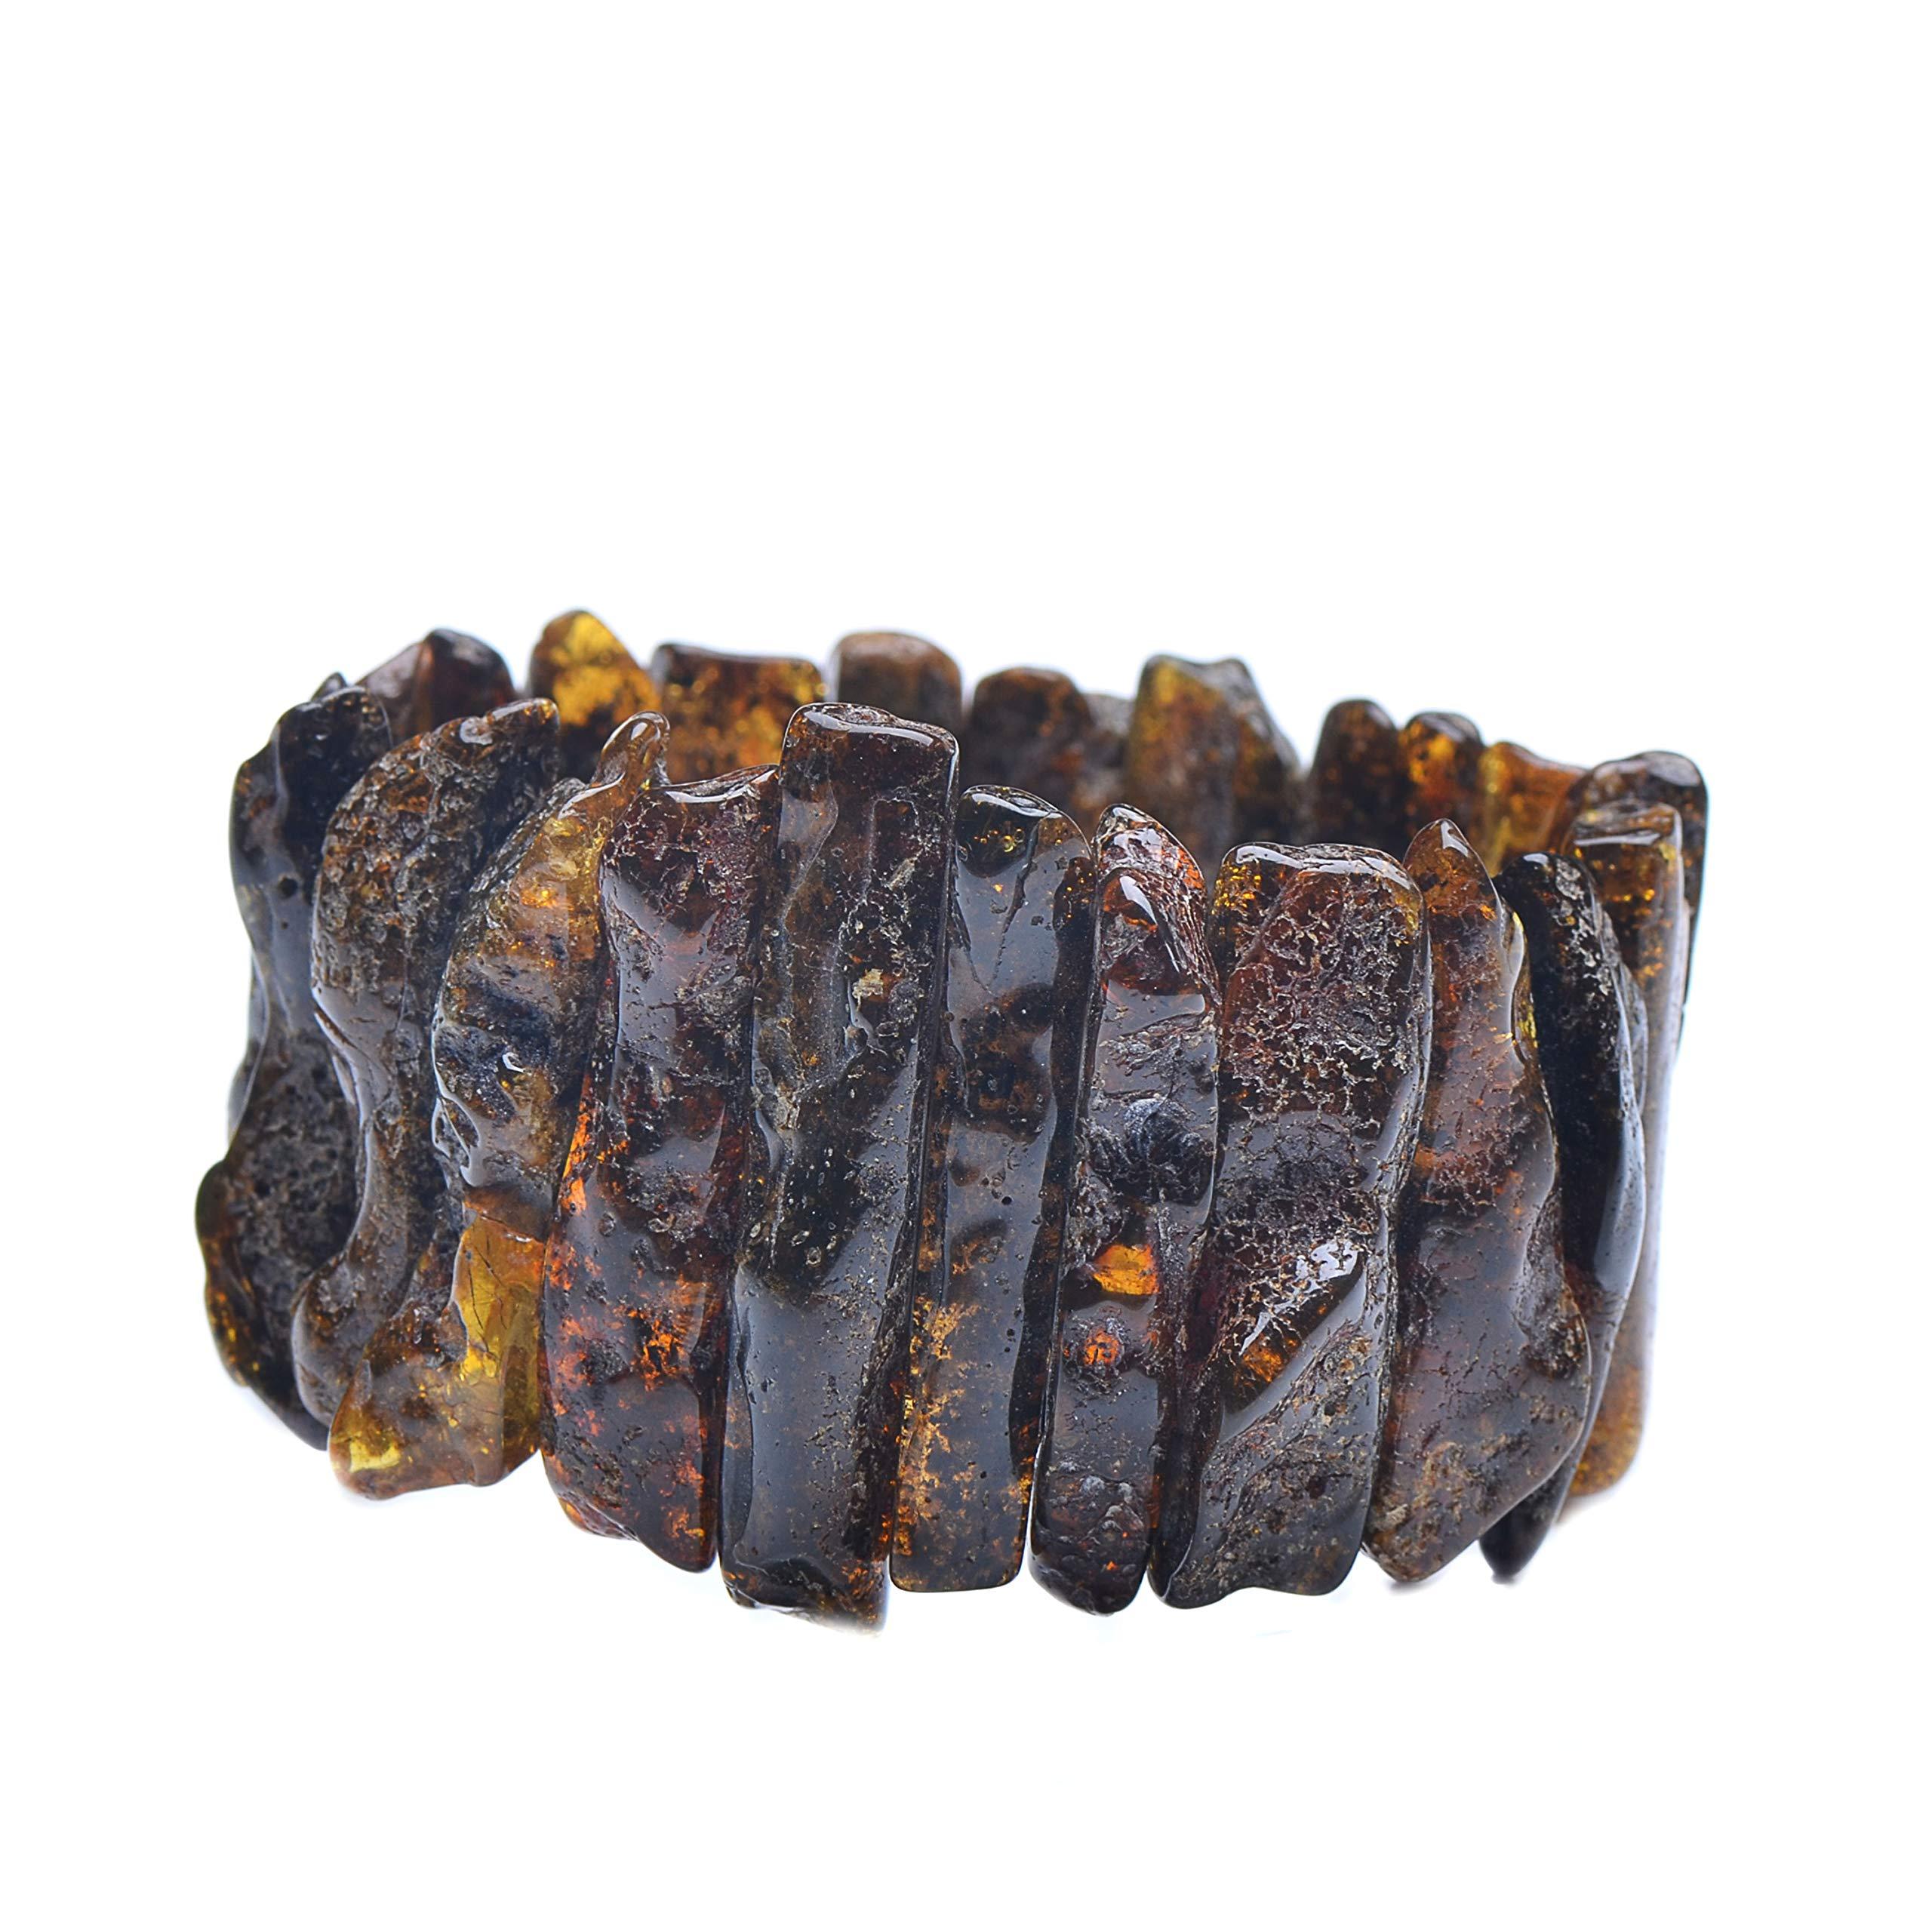 Massive Amber Bracelet - Unique Amber Bracelet - Exclusive Amber Bracelet - Amber Bracelet by Genuine Amber (Image #3)